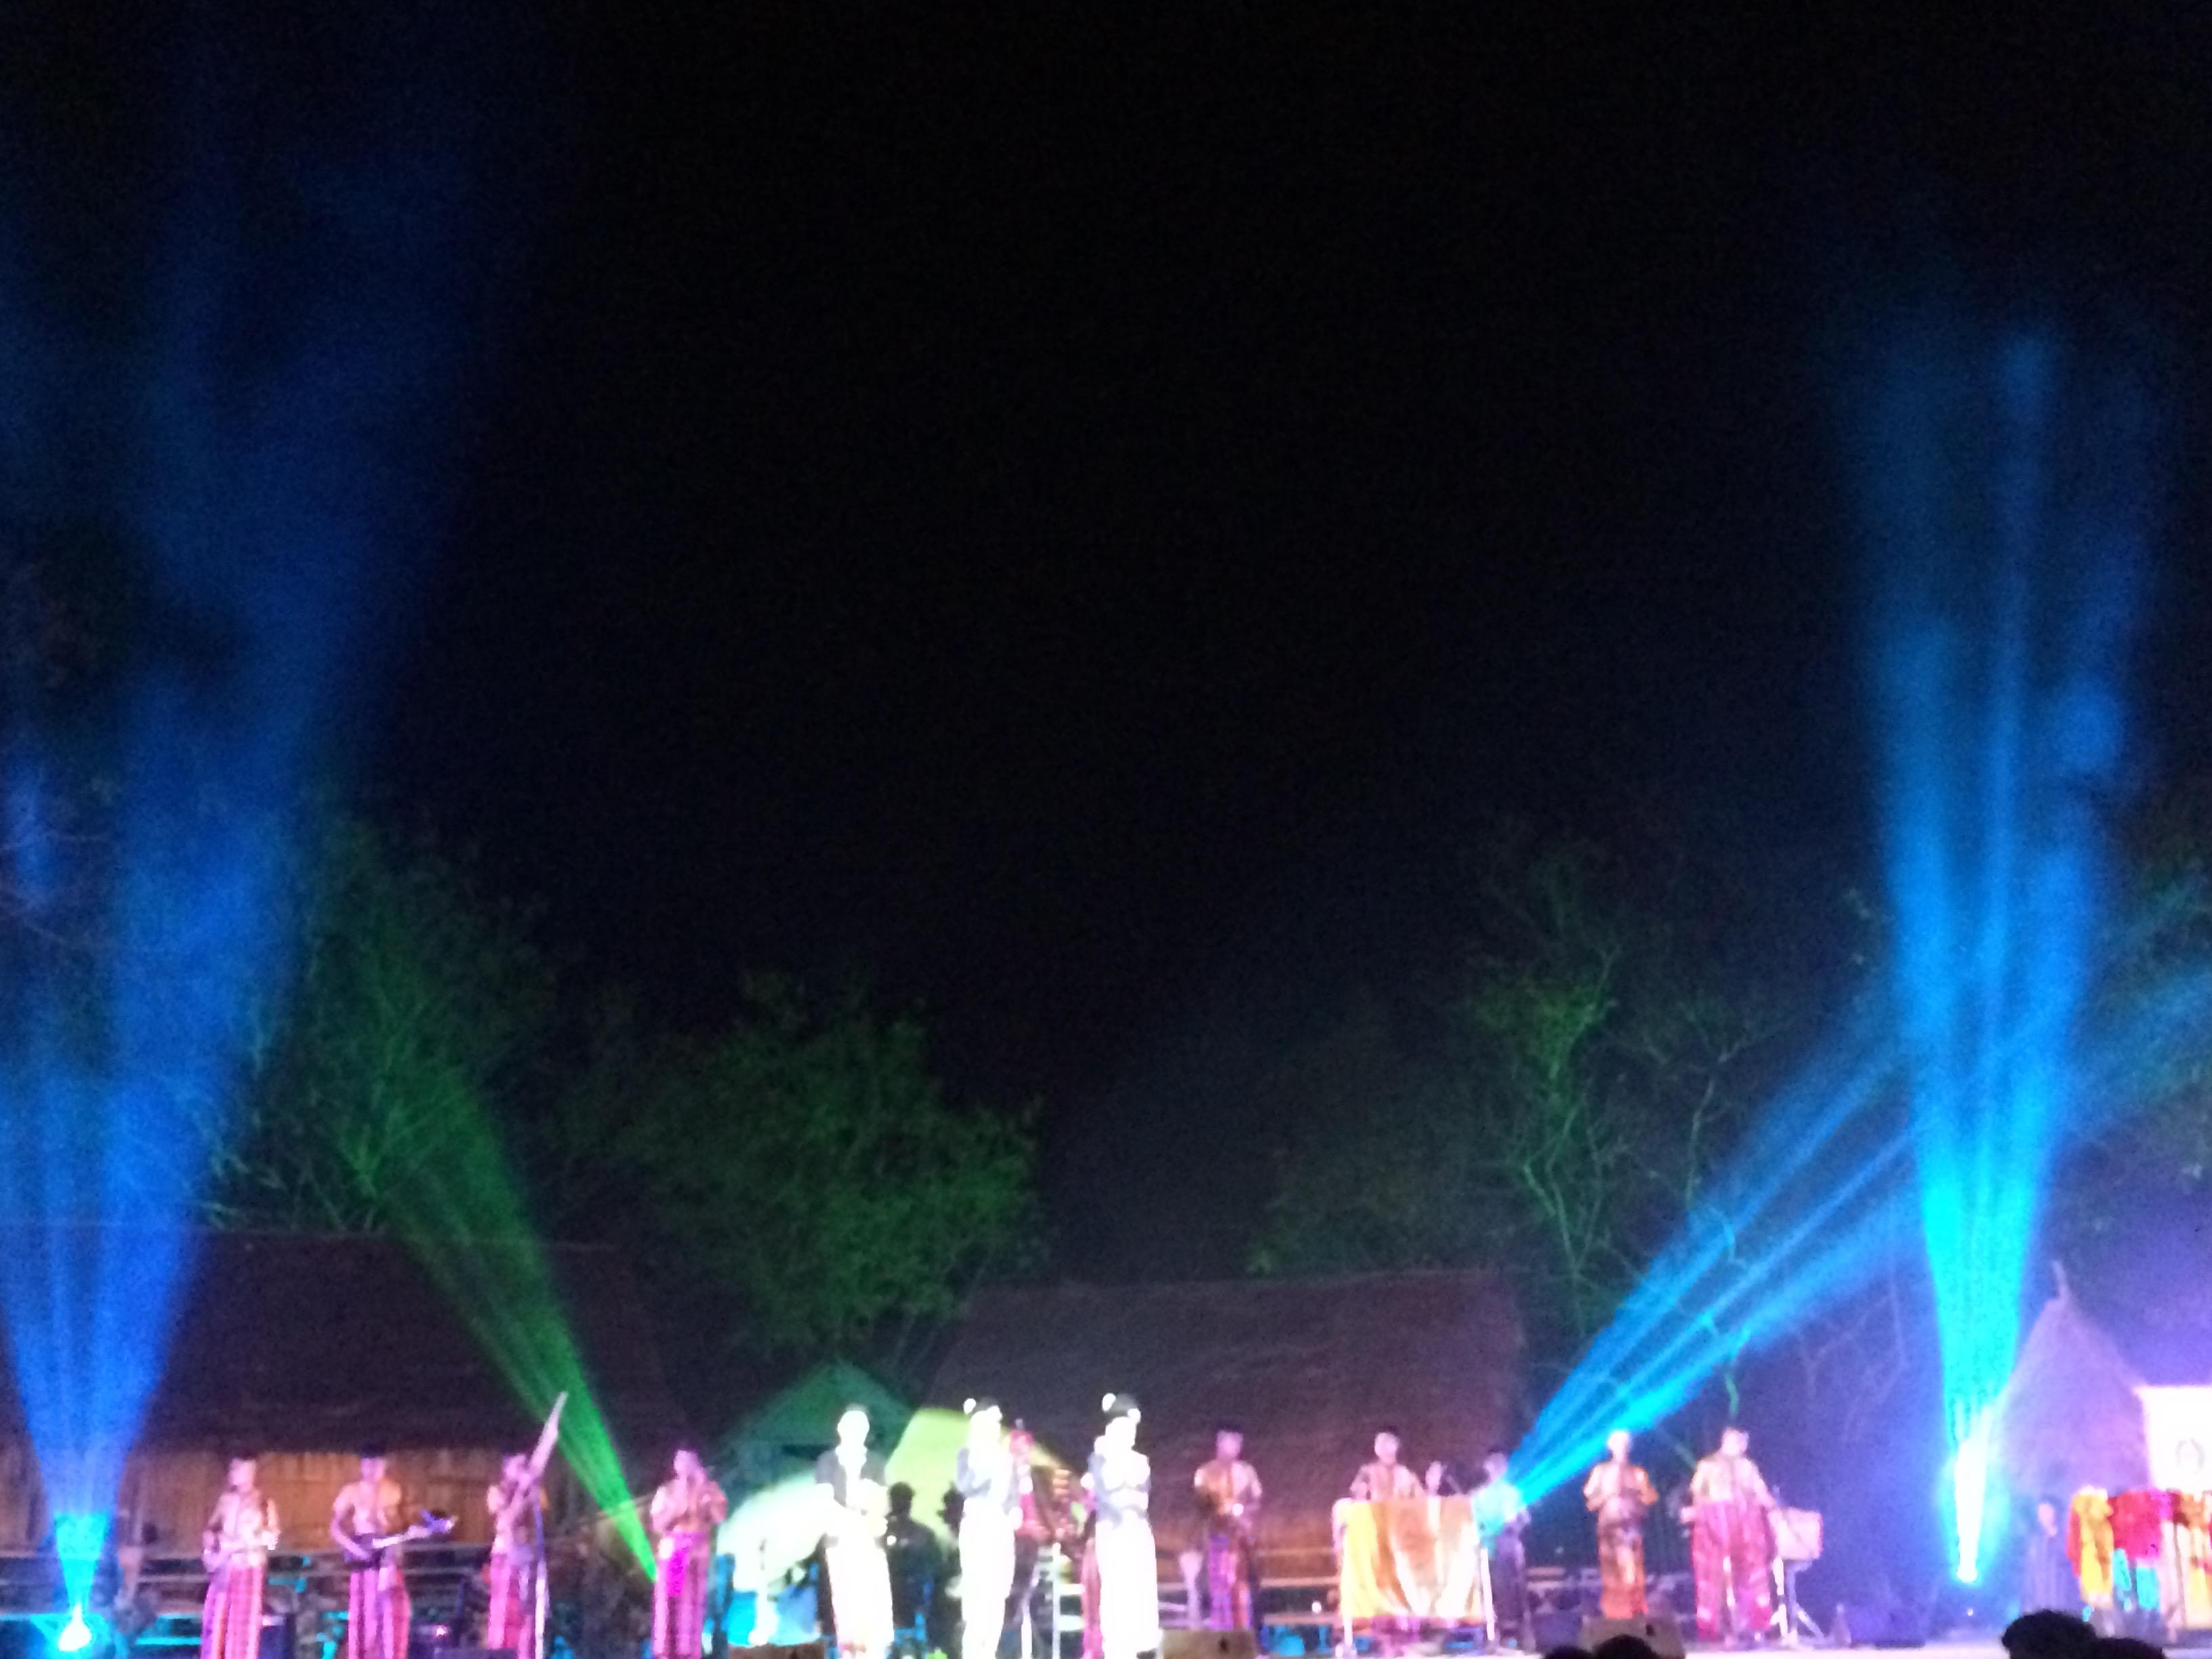 งานแสงสีมูนมังอีสาน (มรภ.สกลนคร)